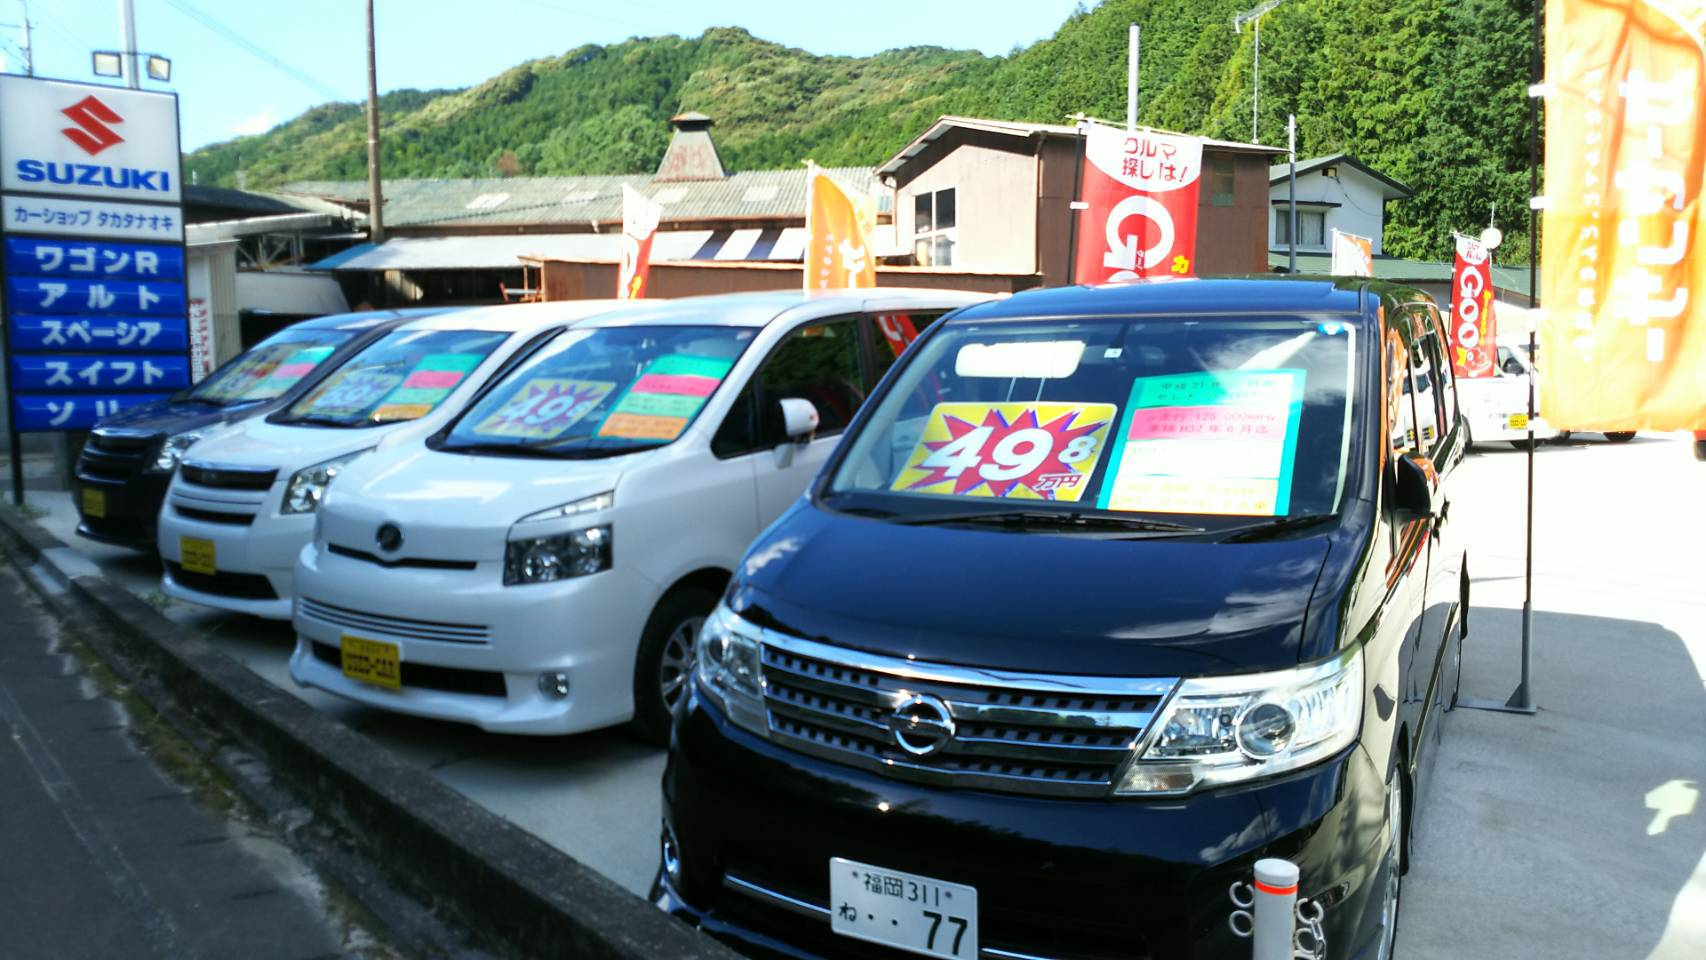 【オススメ情報】人気の2000ccクラスの8人乗り1BOXカーが多数入庫しました!